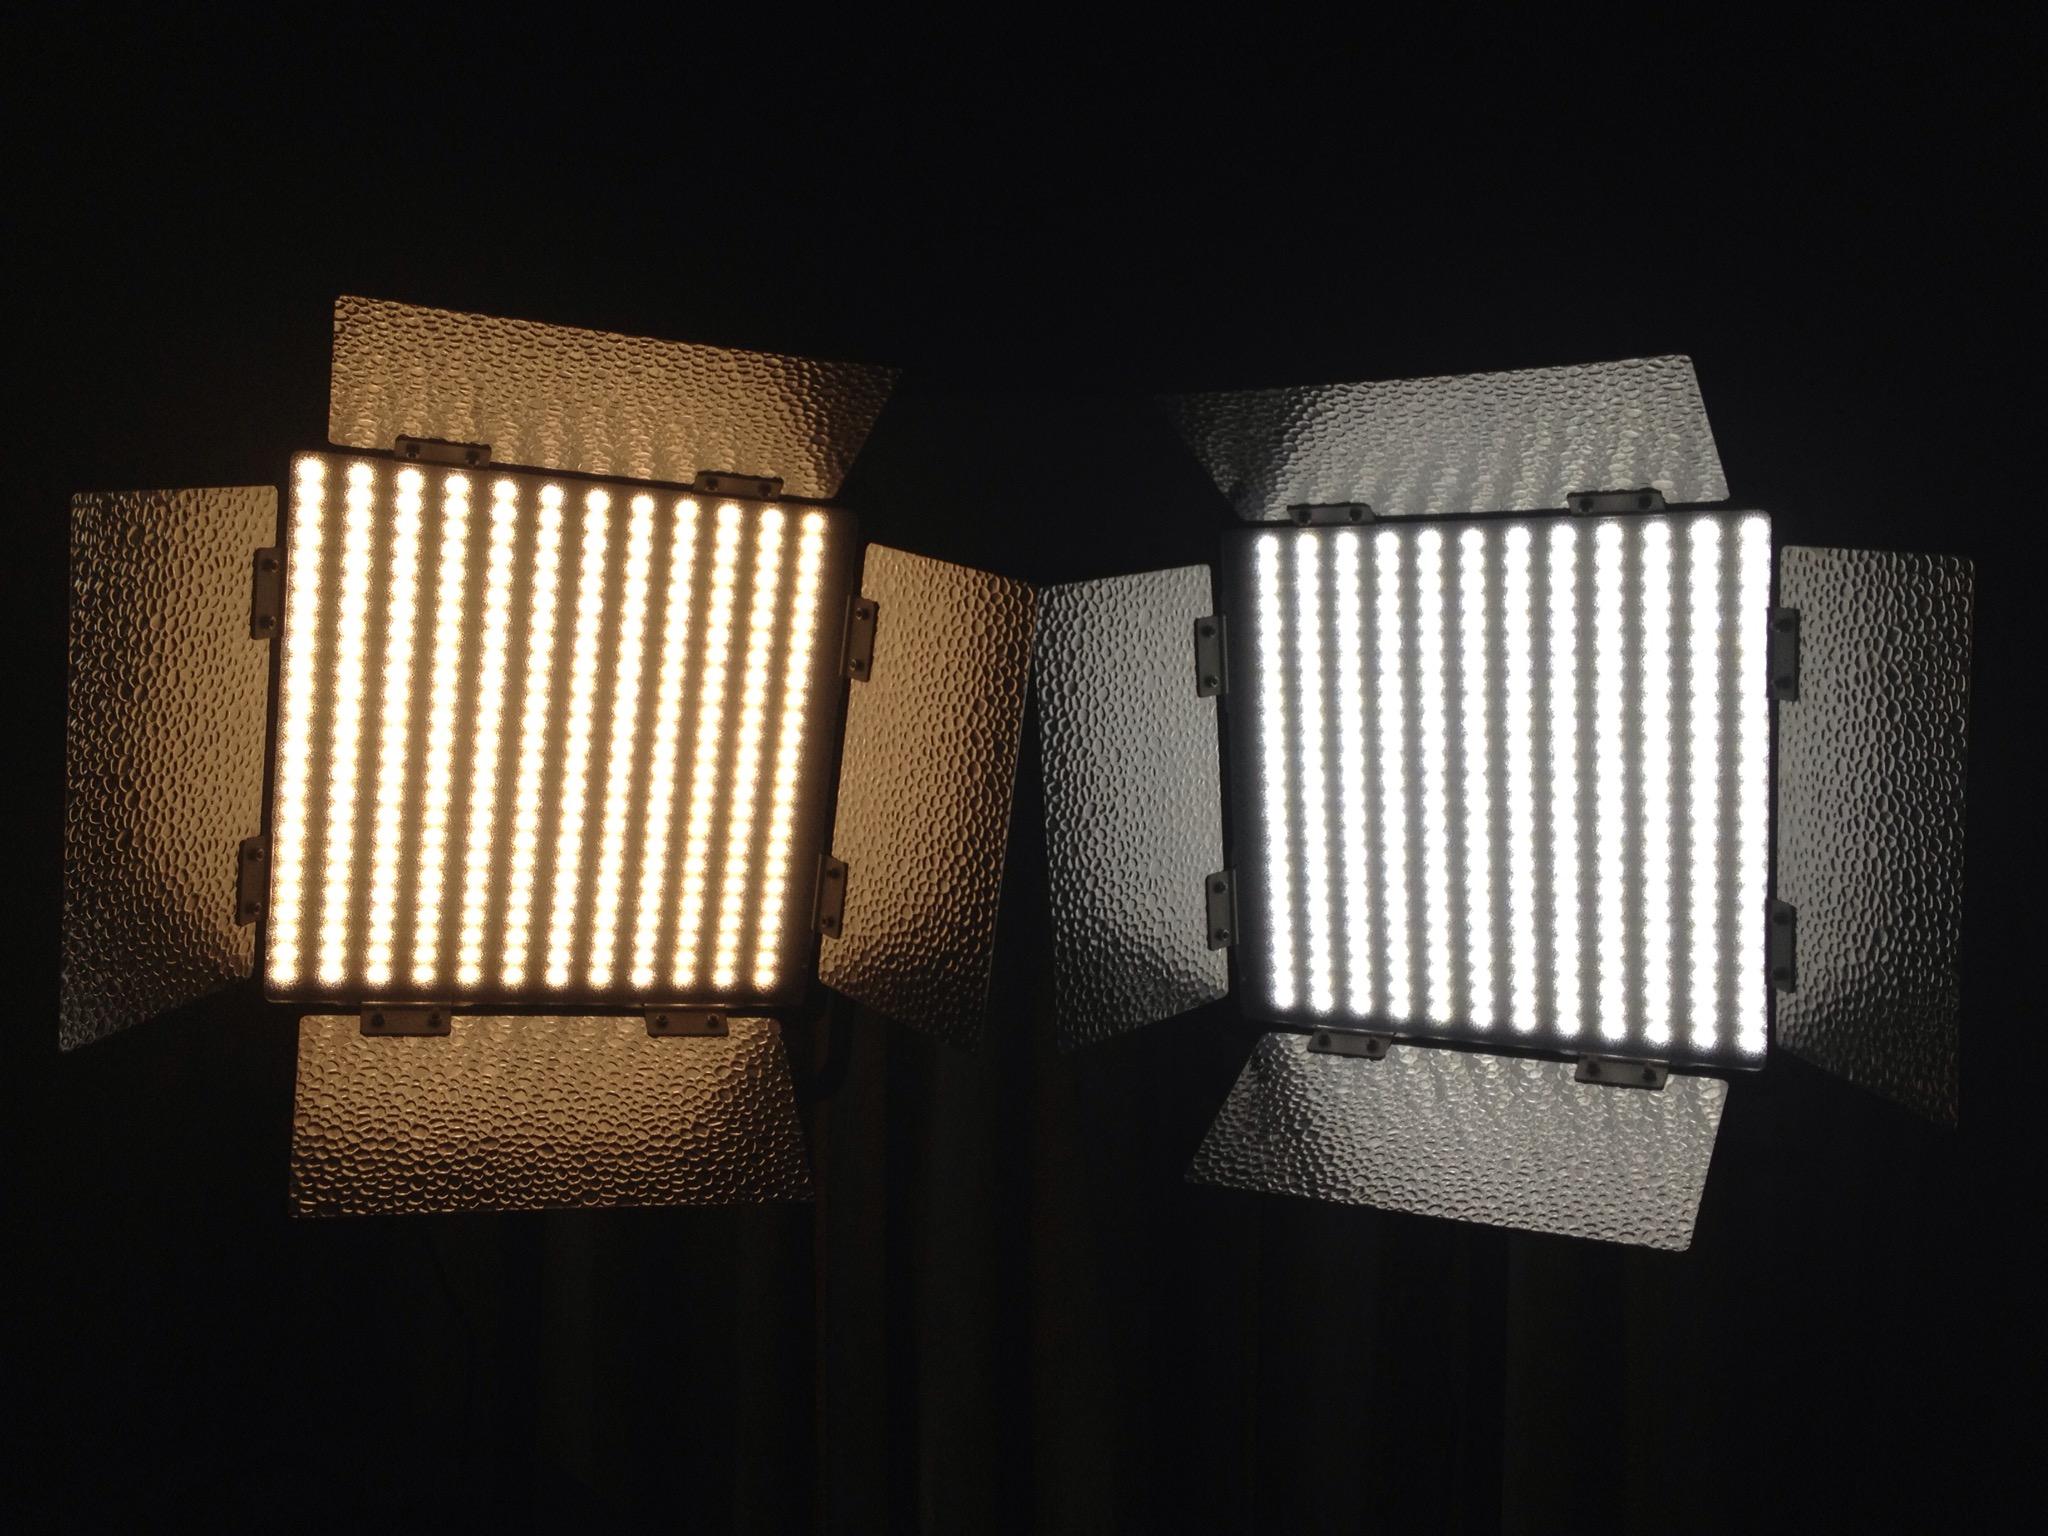 LED panels by LedGo